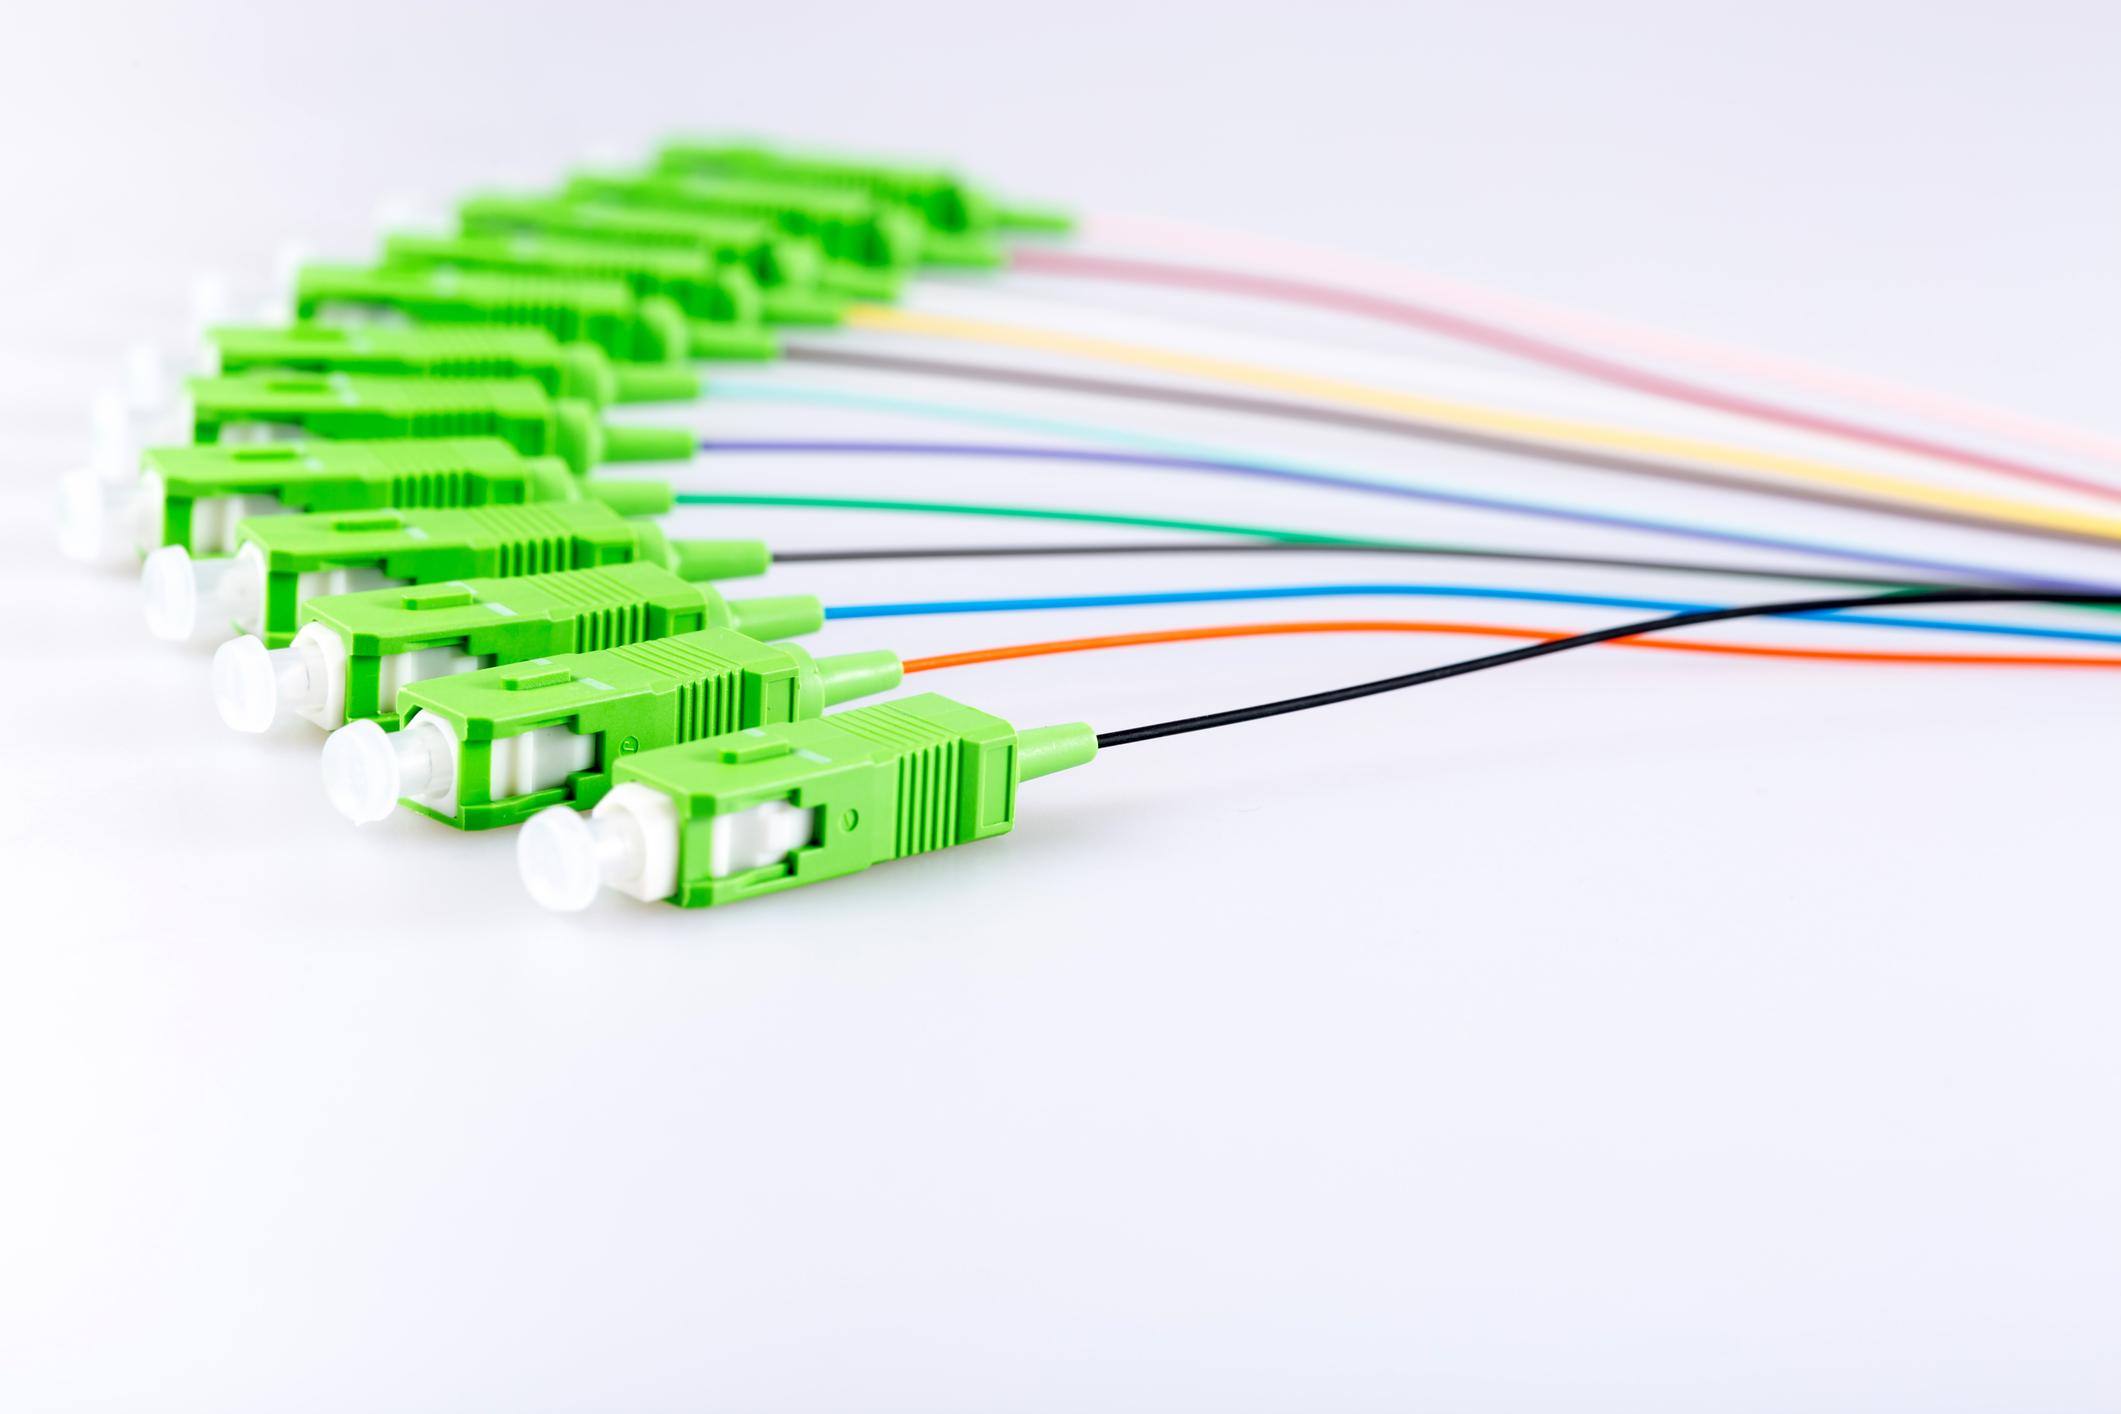 Fiber-optic cables and connectors.